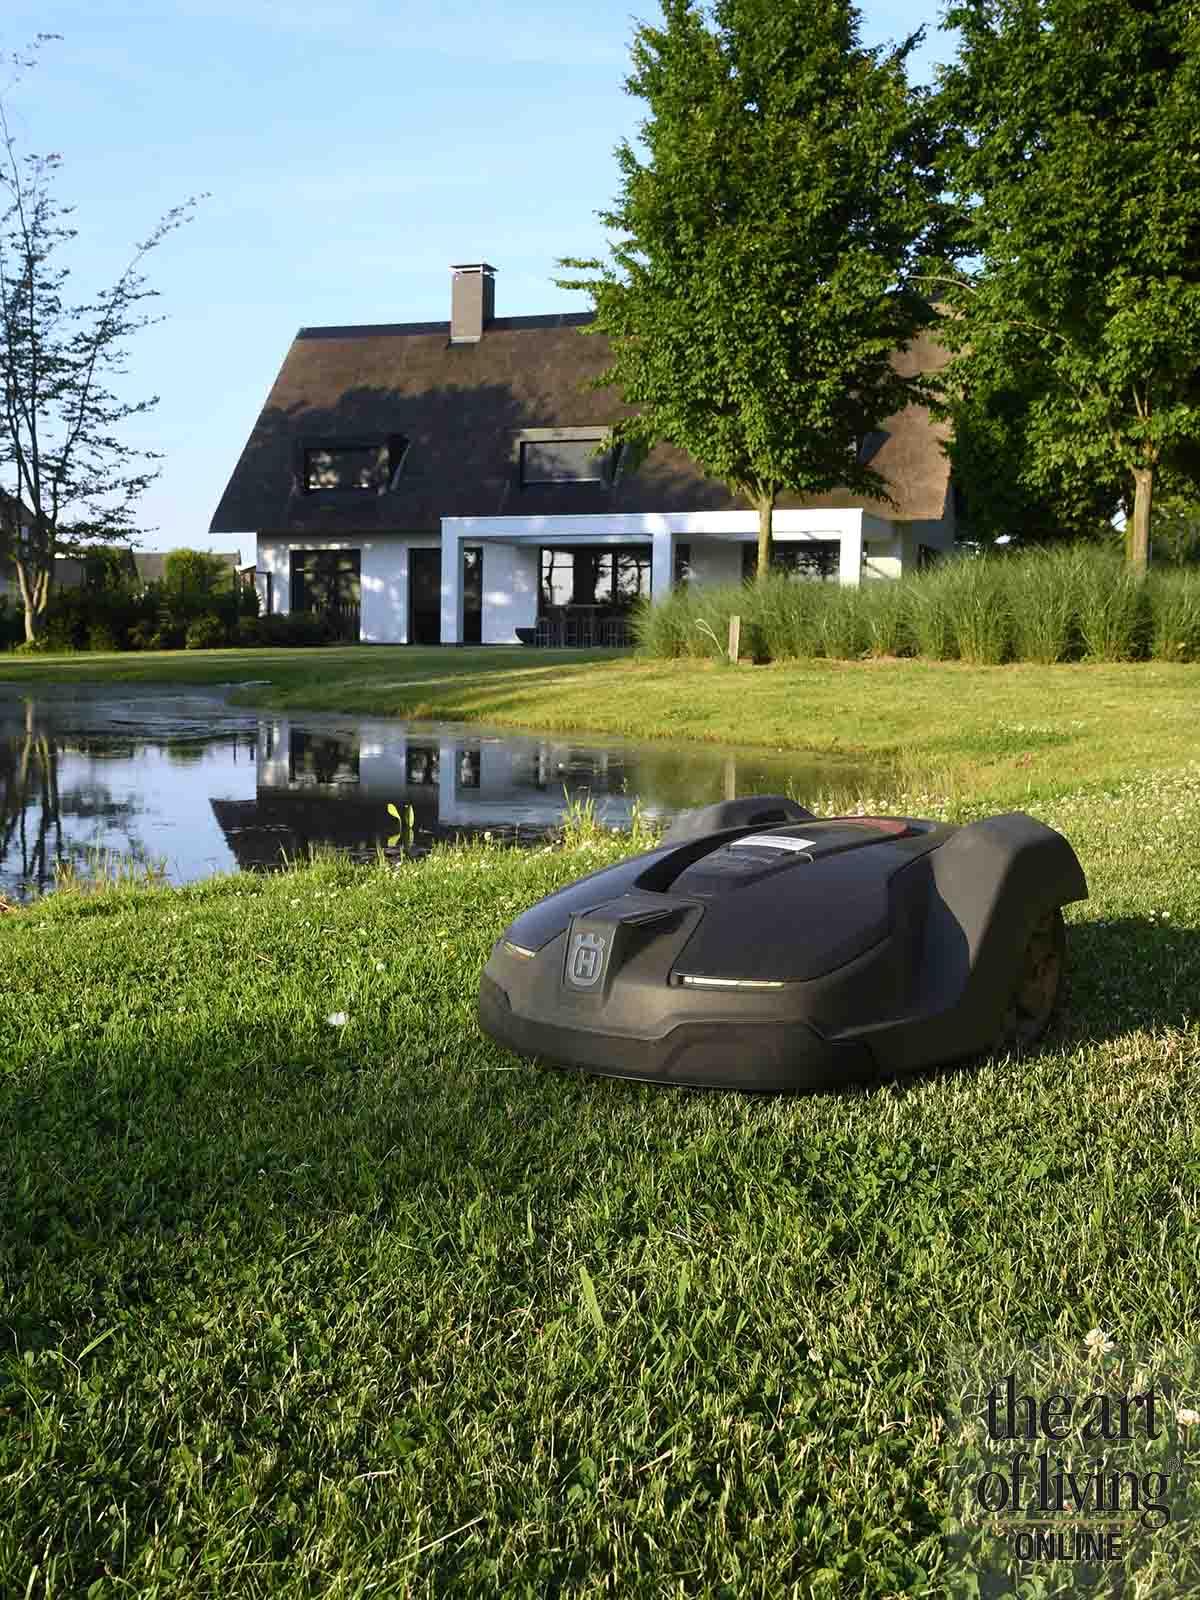 Exclusieve villa | Van Houtum, the art of living